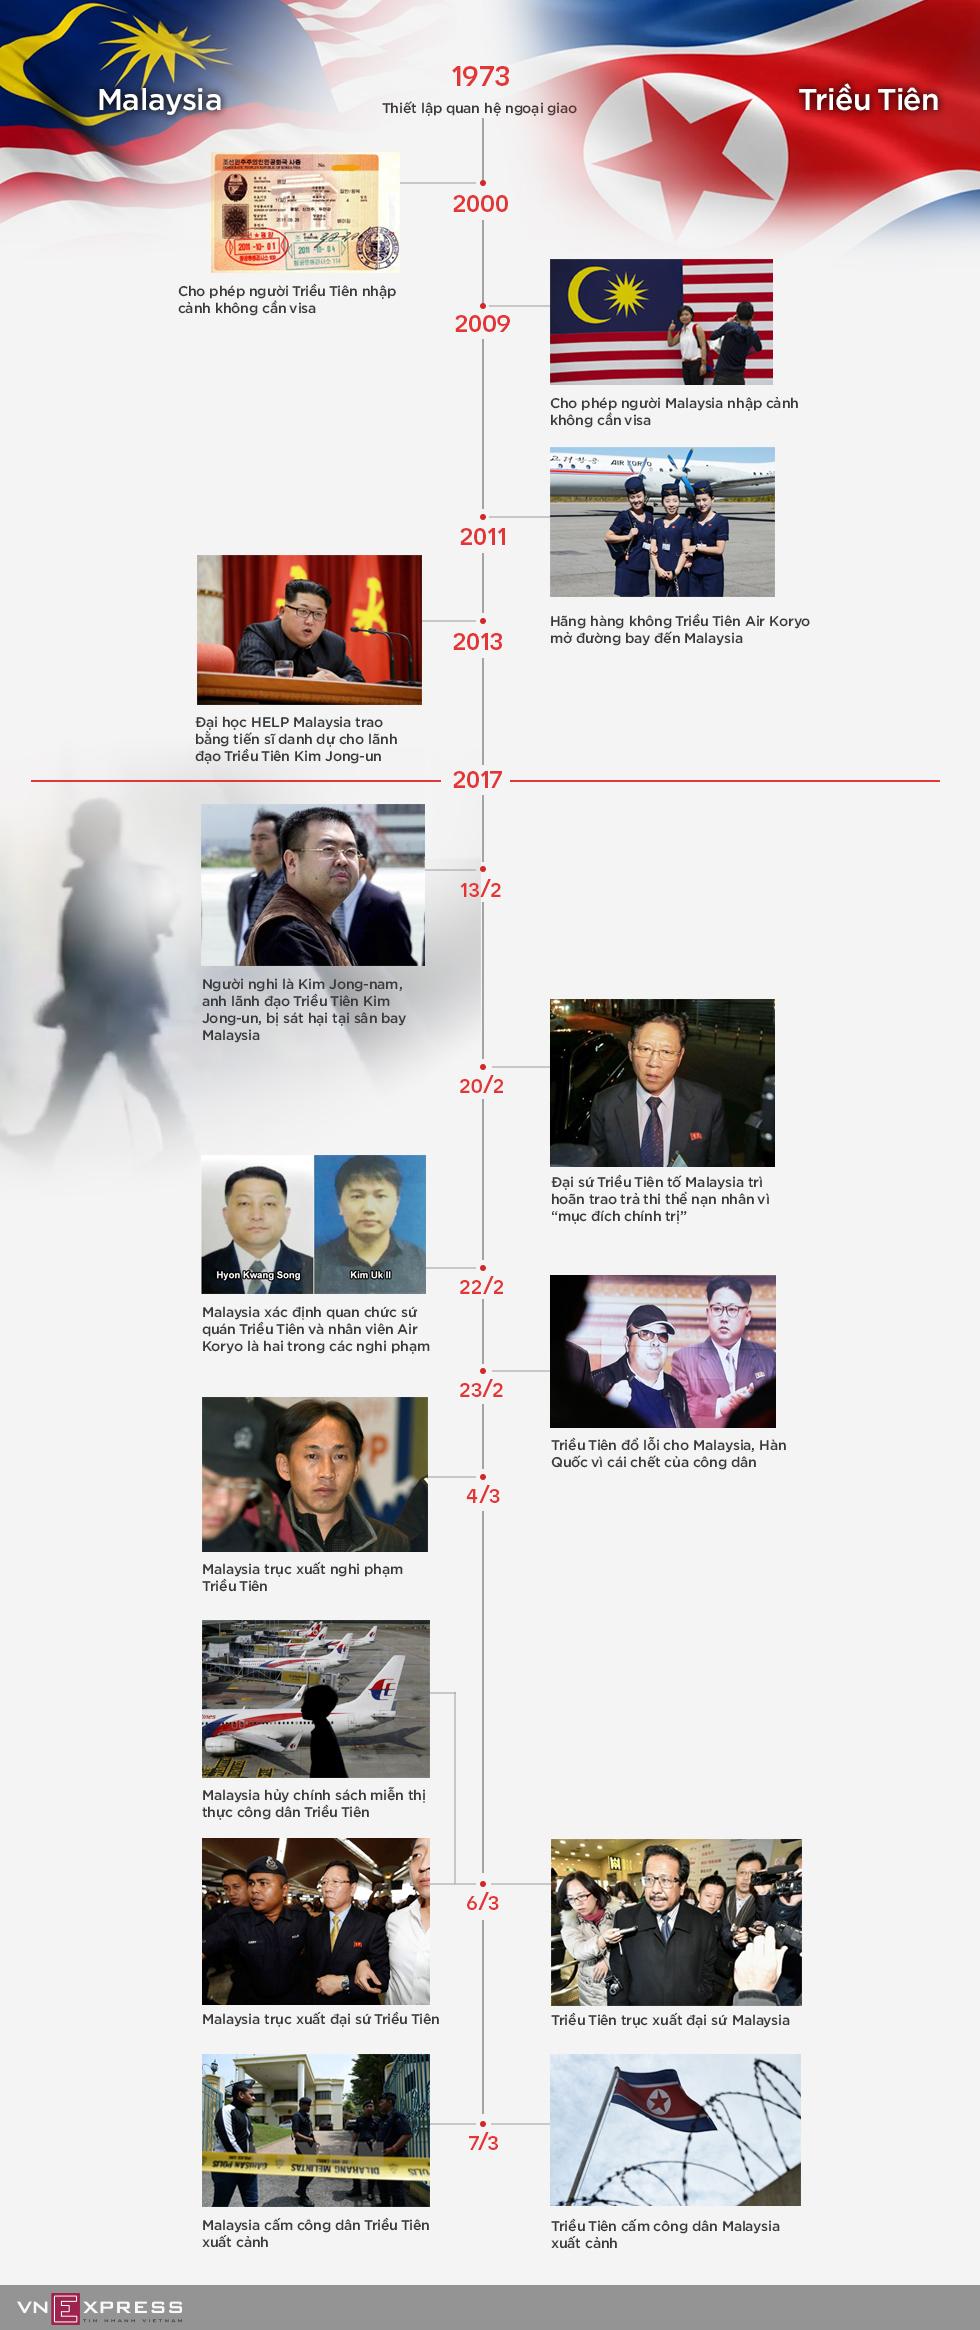 Một tháng lao dốc quan hệ Malaysia - Triều Tiên